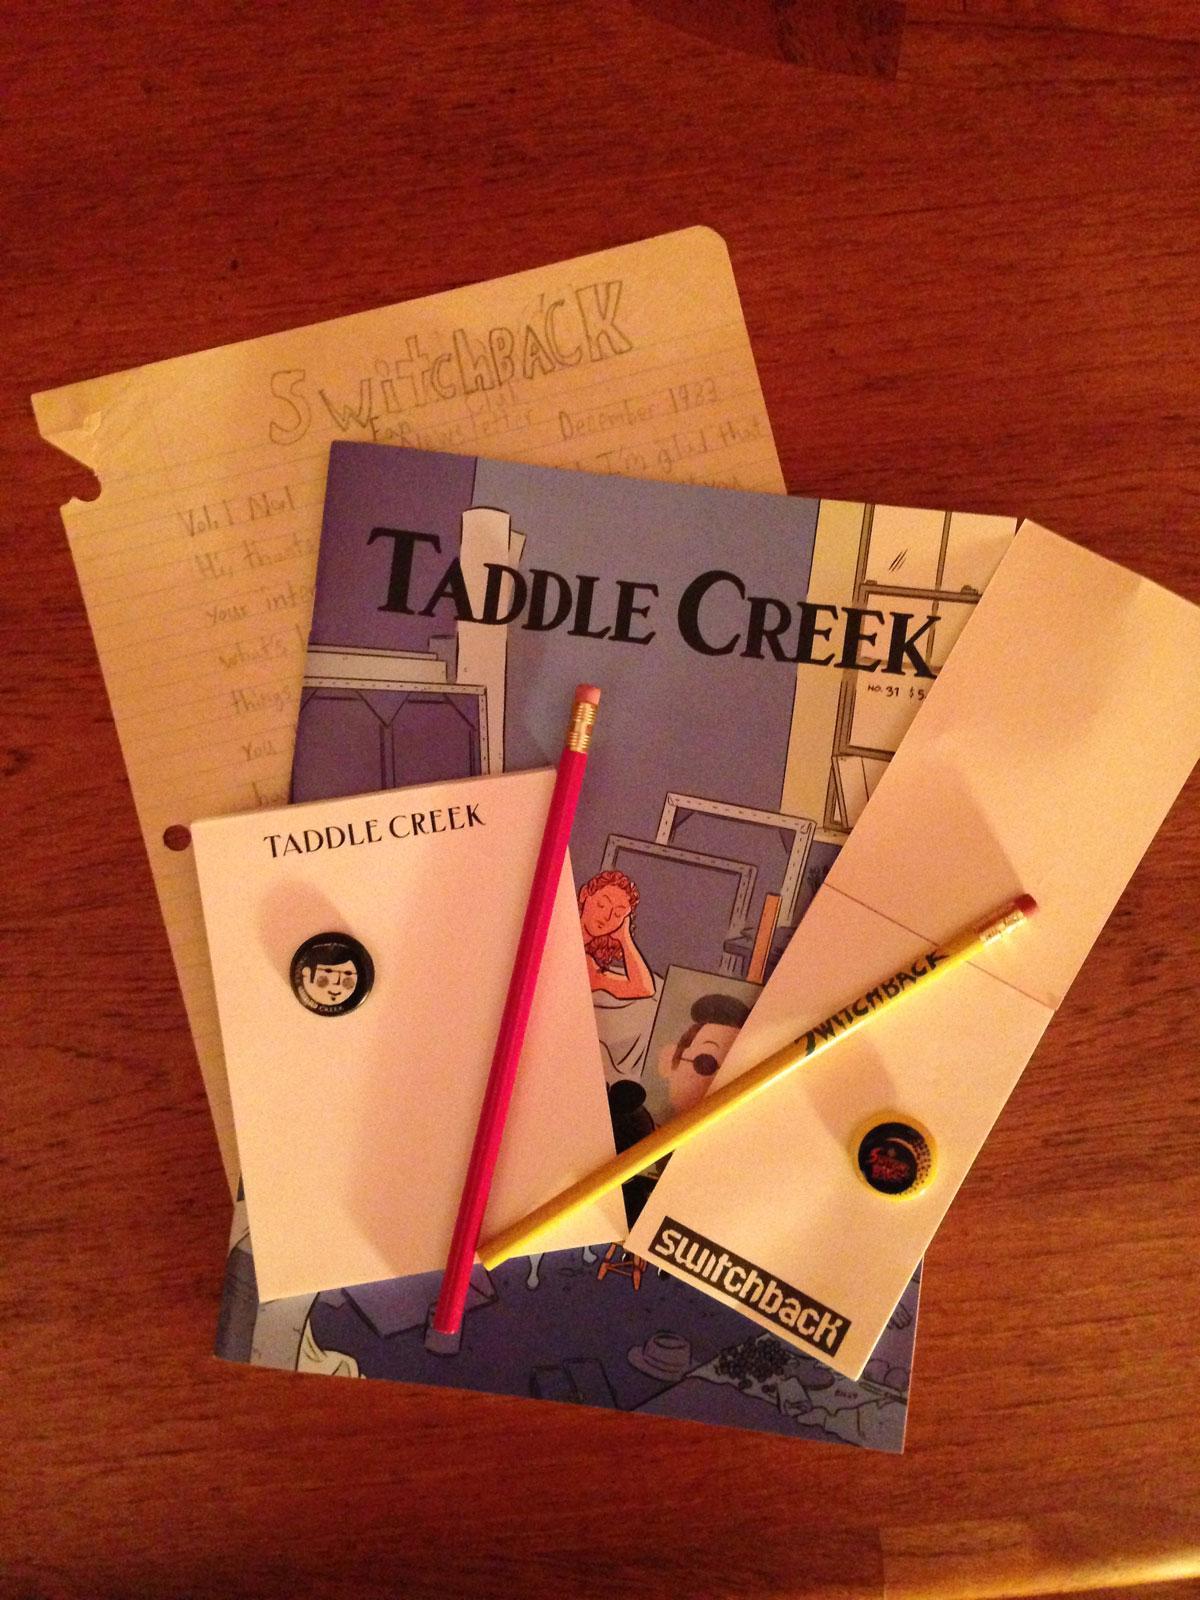 Switchback, 1983 vs. Taddle Creek, 2013.